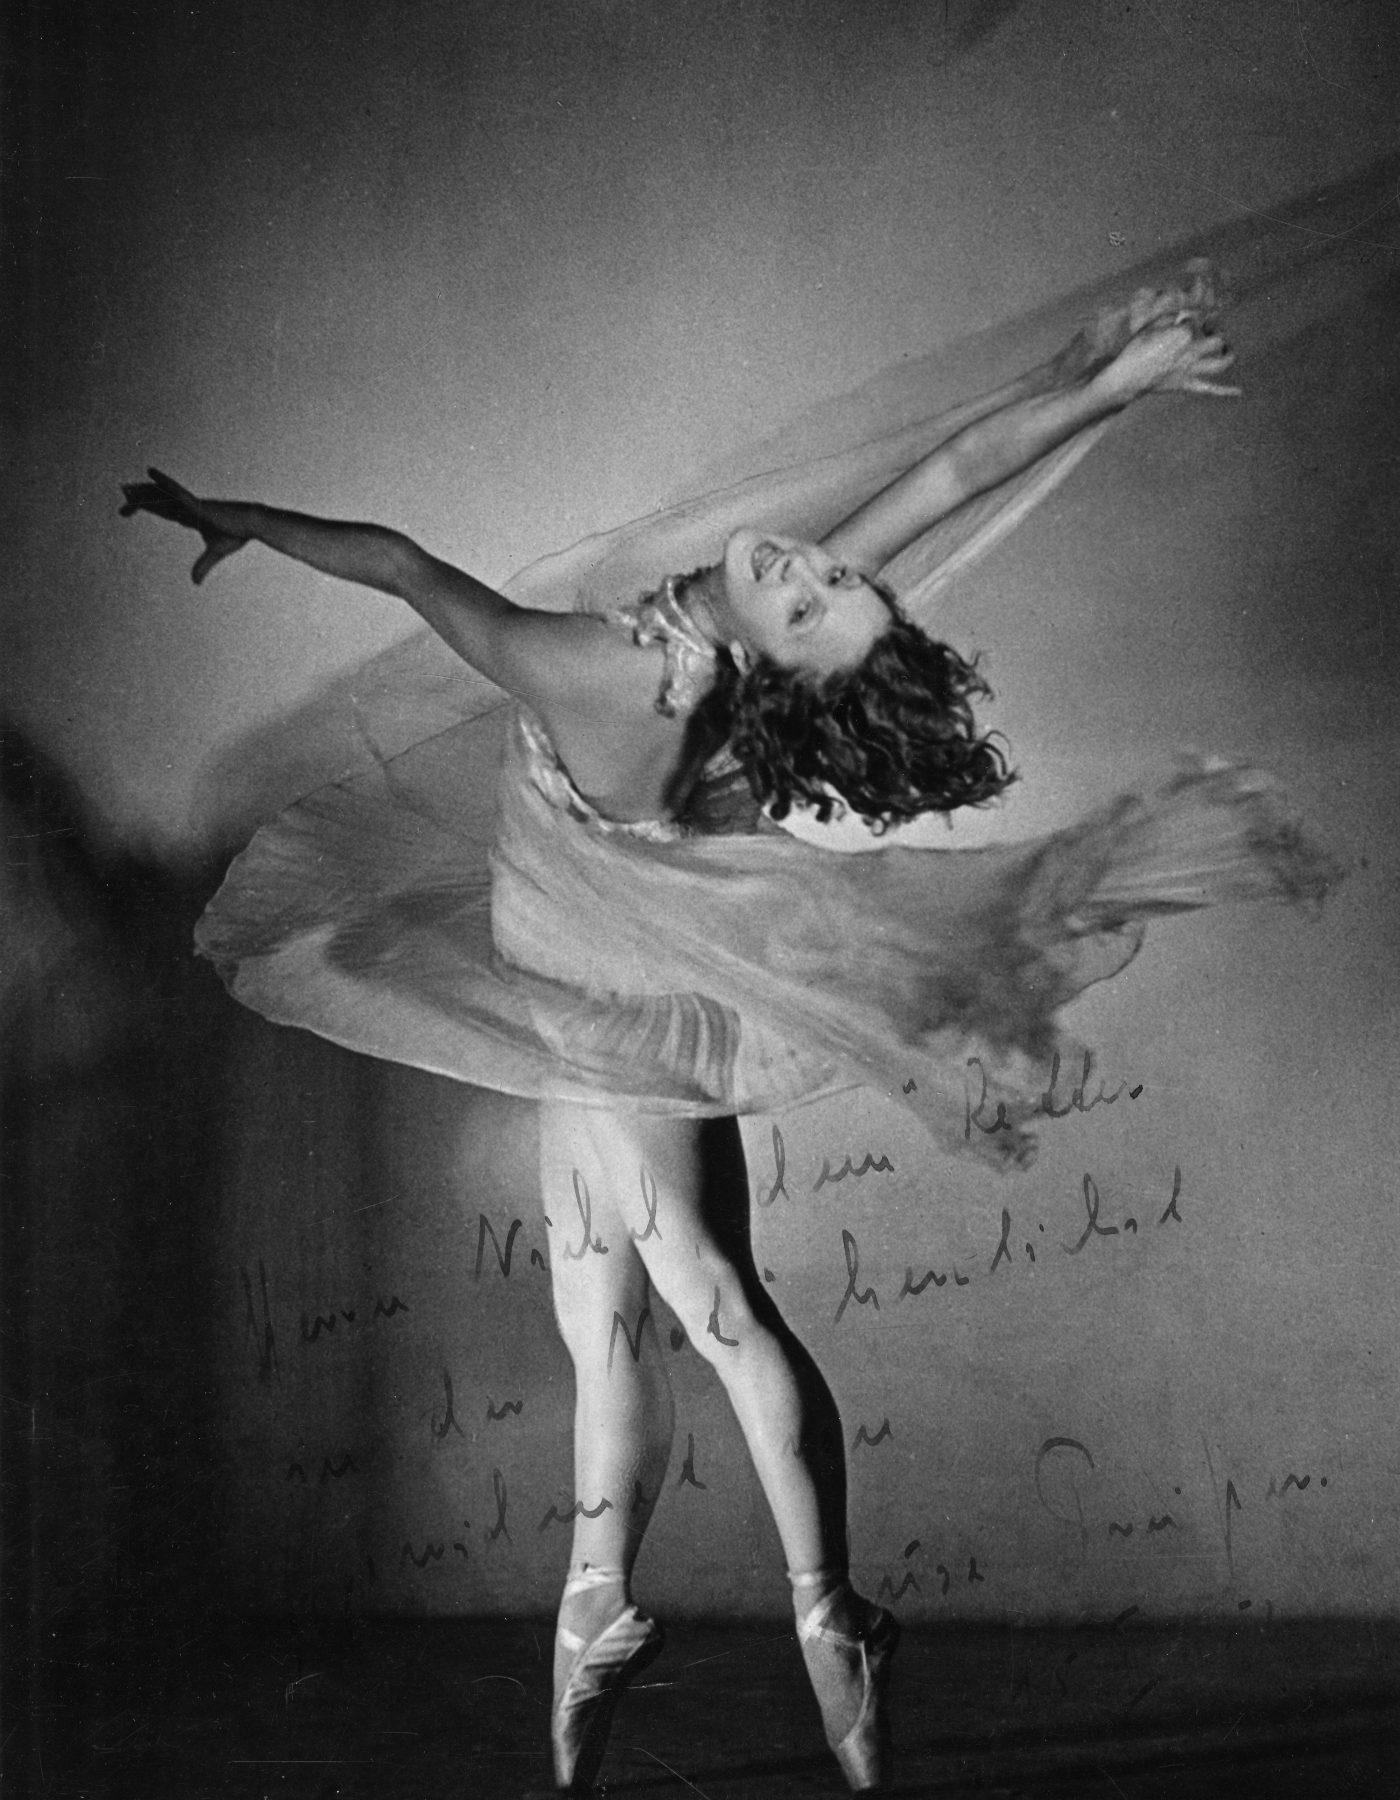 foto: siegfried enkelmann - suse preisser (1920–1979). bekannte deutsche tänzerin. sammlung Le-Wa, landesarchiv des saarlandes.